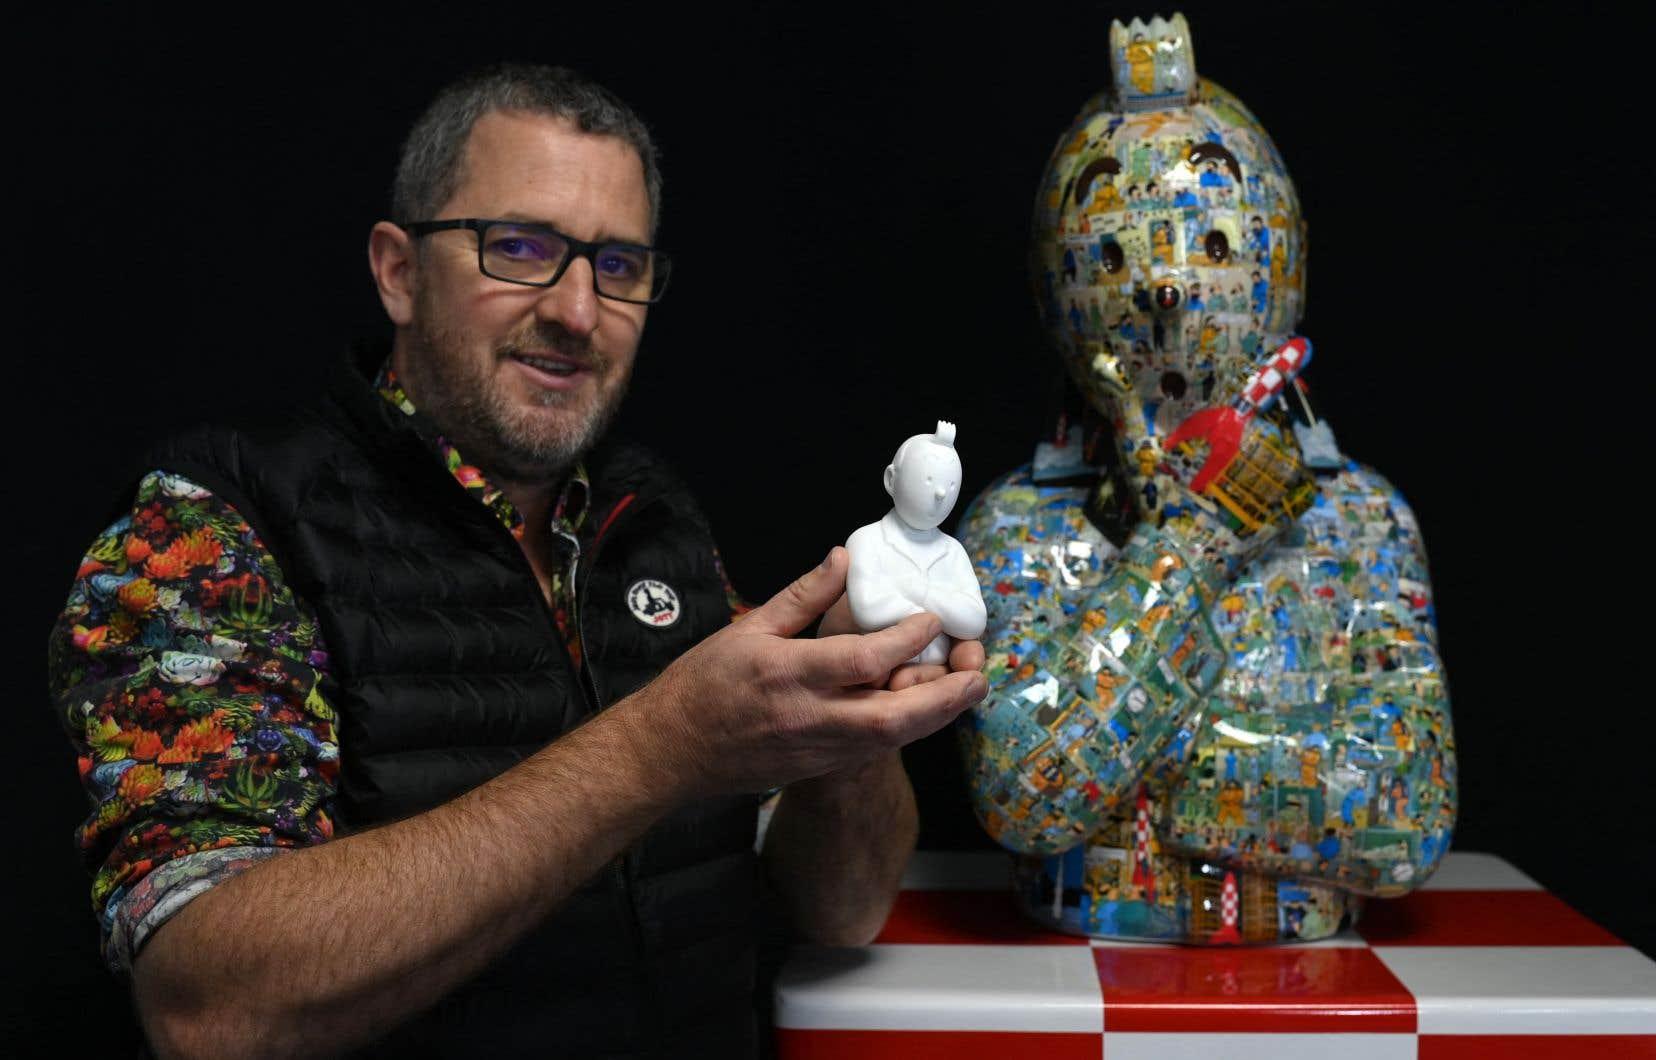 Le plasticien Christophe Tixier, alias «Peppone», pose avec des œuvres représentant les personnages de «Tintin» dans son atelier de La Roque d'Antheron, dans le sud de la France.